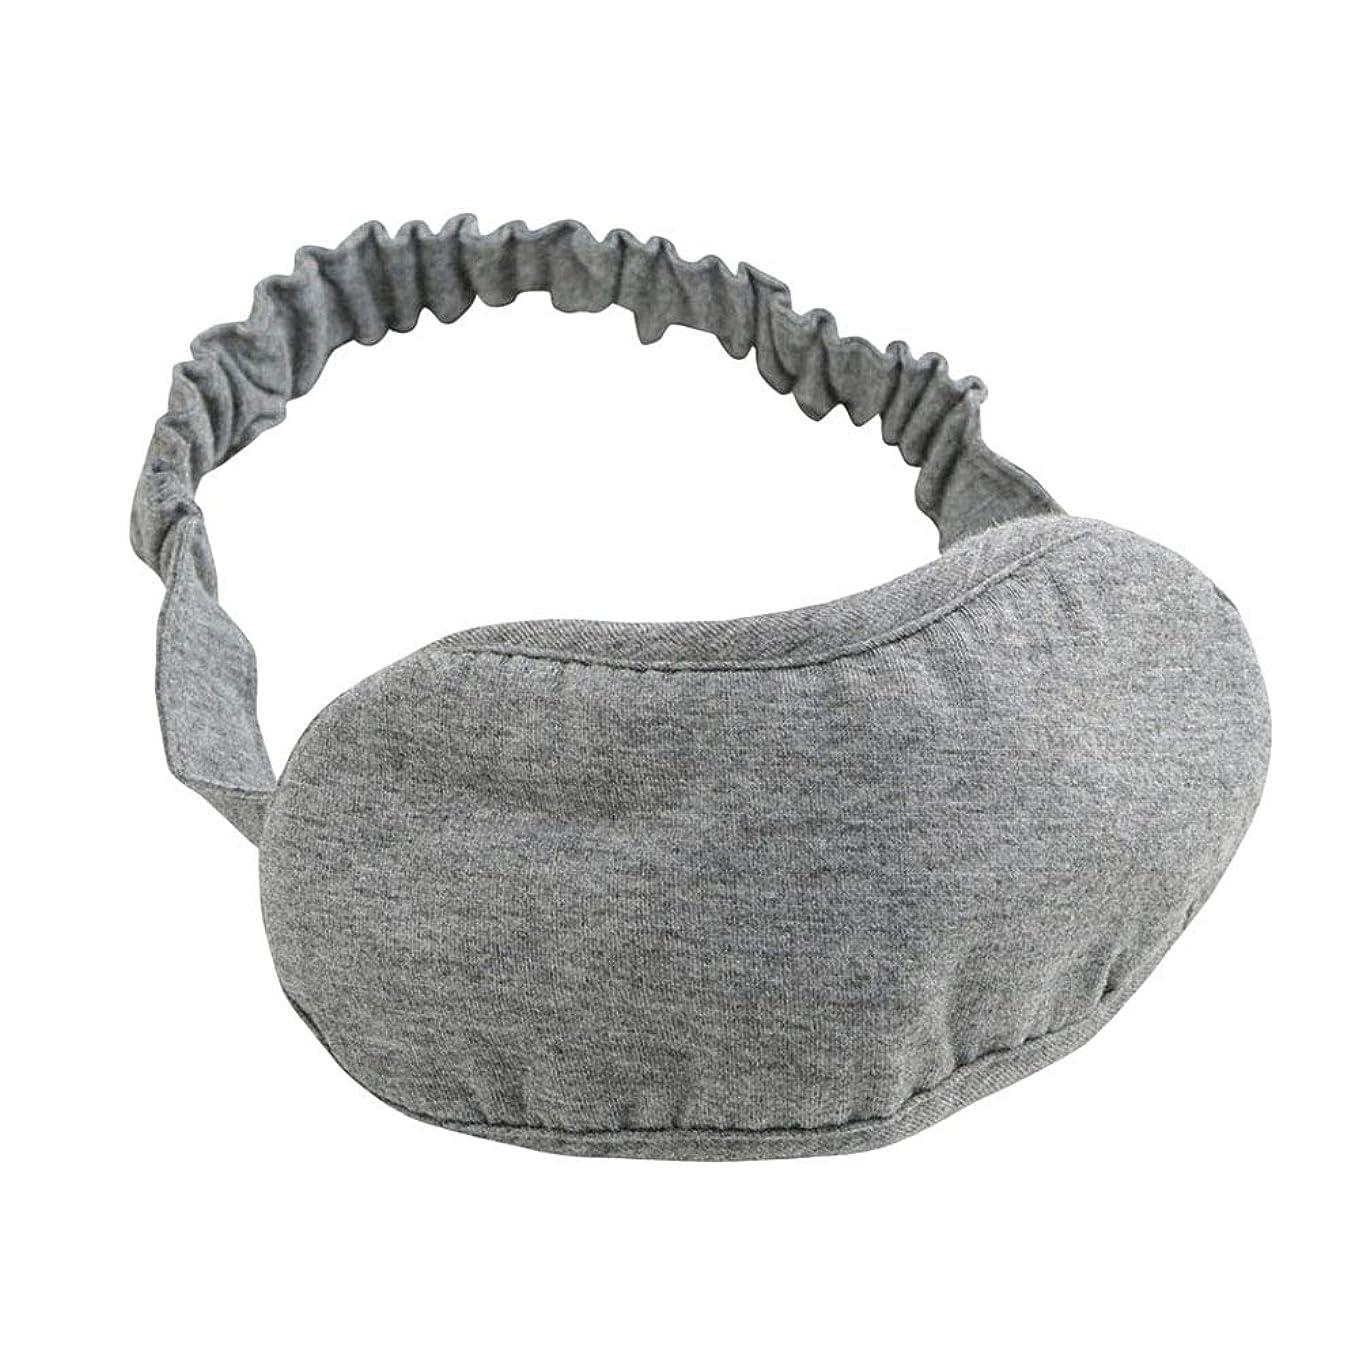 逃げるお願いしますフローティングSUPVOX 睡眠マスクコットンアイマスク厚手の目隠しアイカバー女性のための子供たちの子供ホームベッド旅行のフライトカーキャンプオフィス使用(グレー)